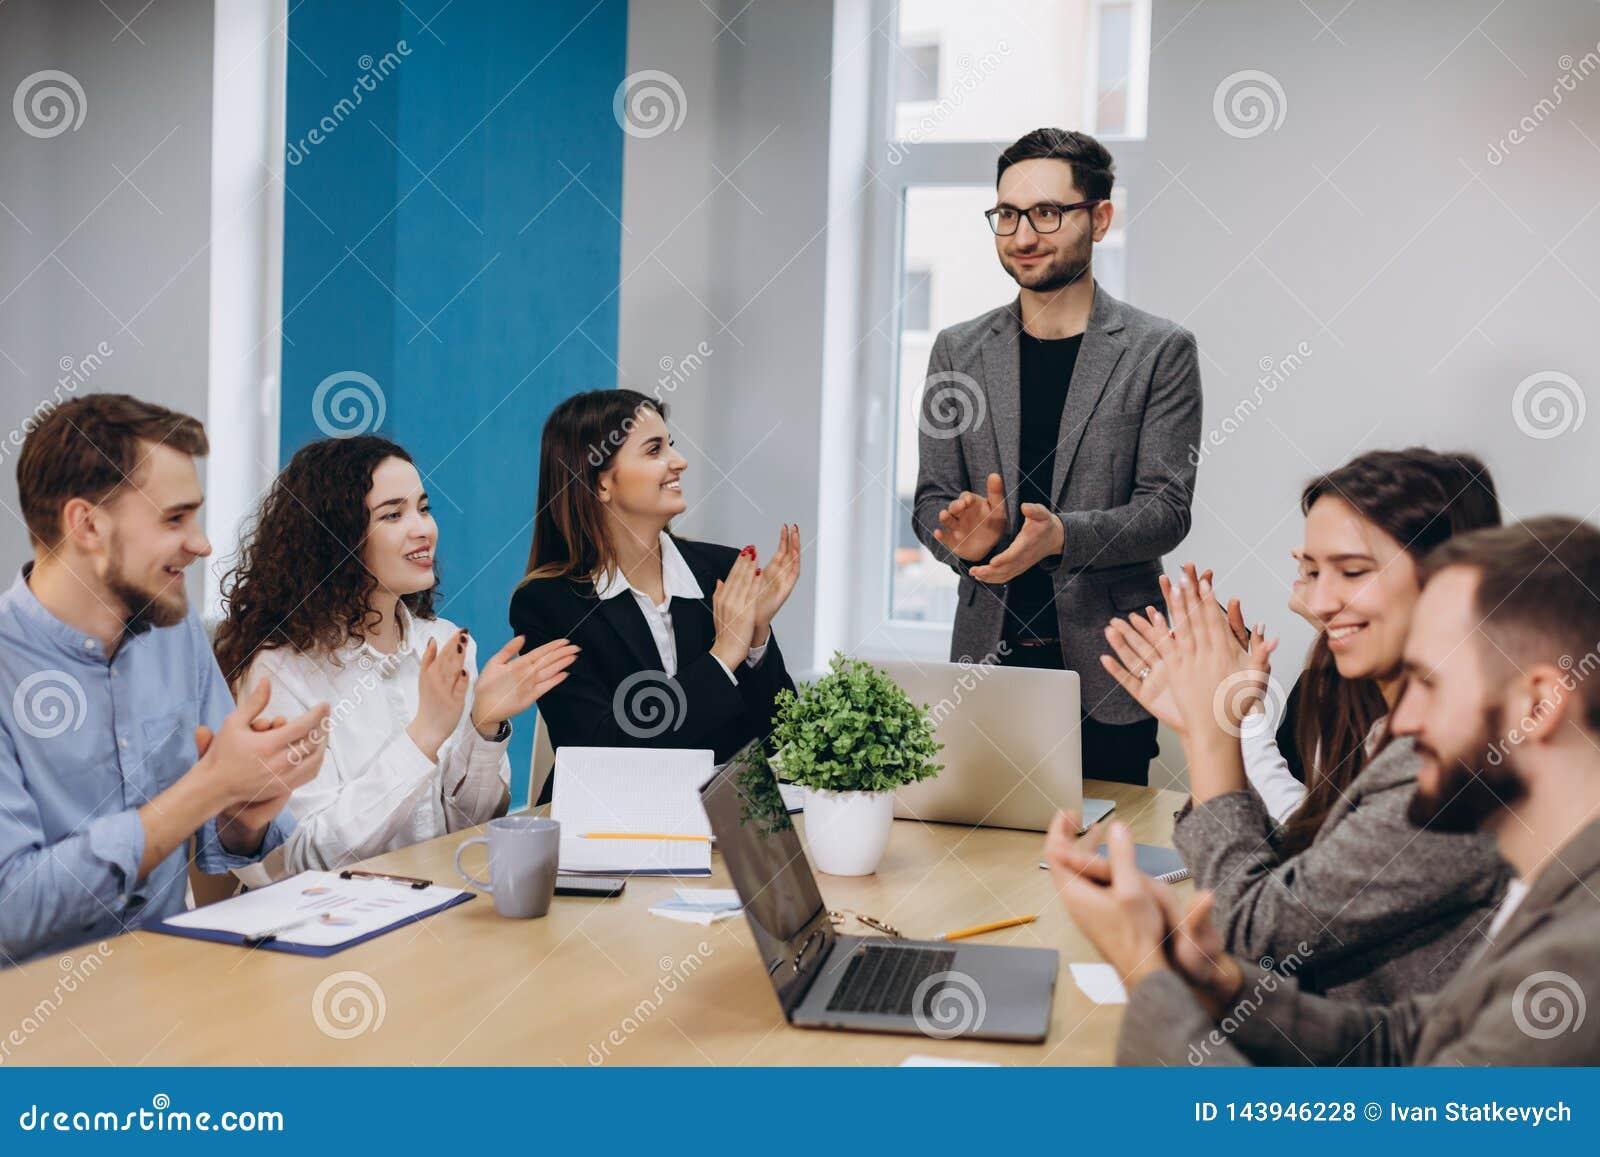 Επιχειρησιακή συνεδρίαση σε ένα σύγχρονο γραφείο